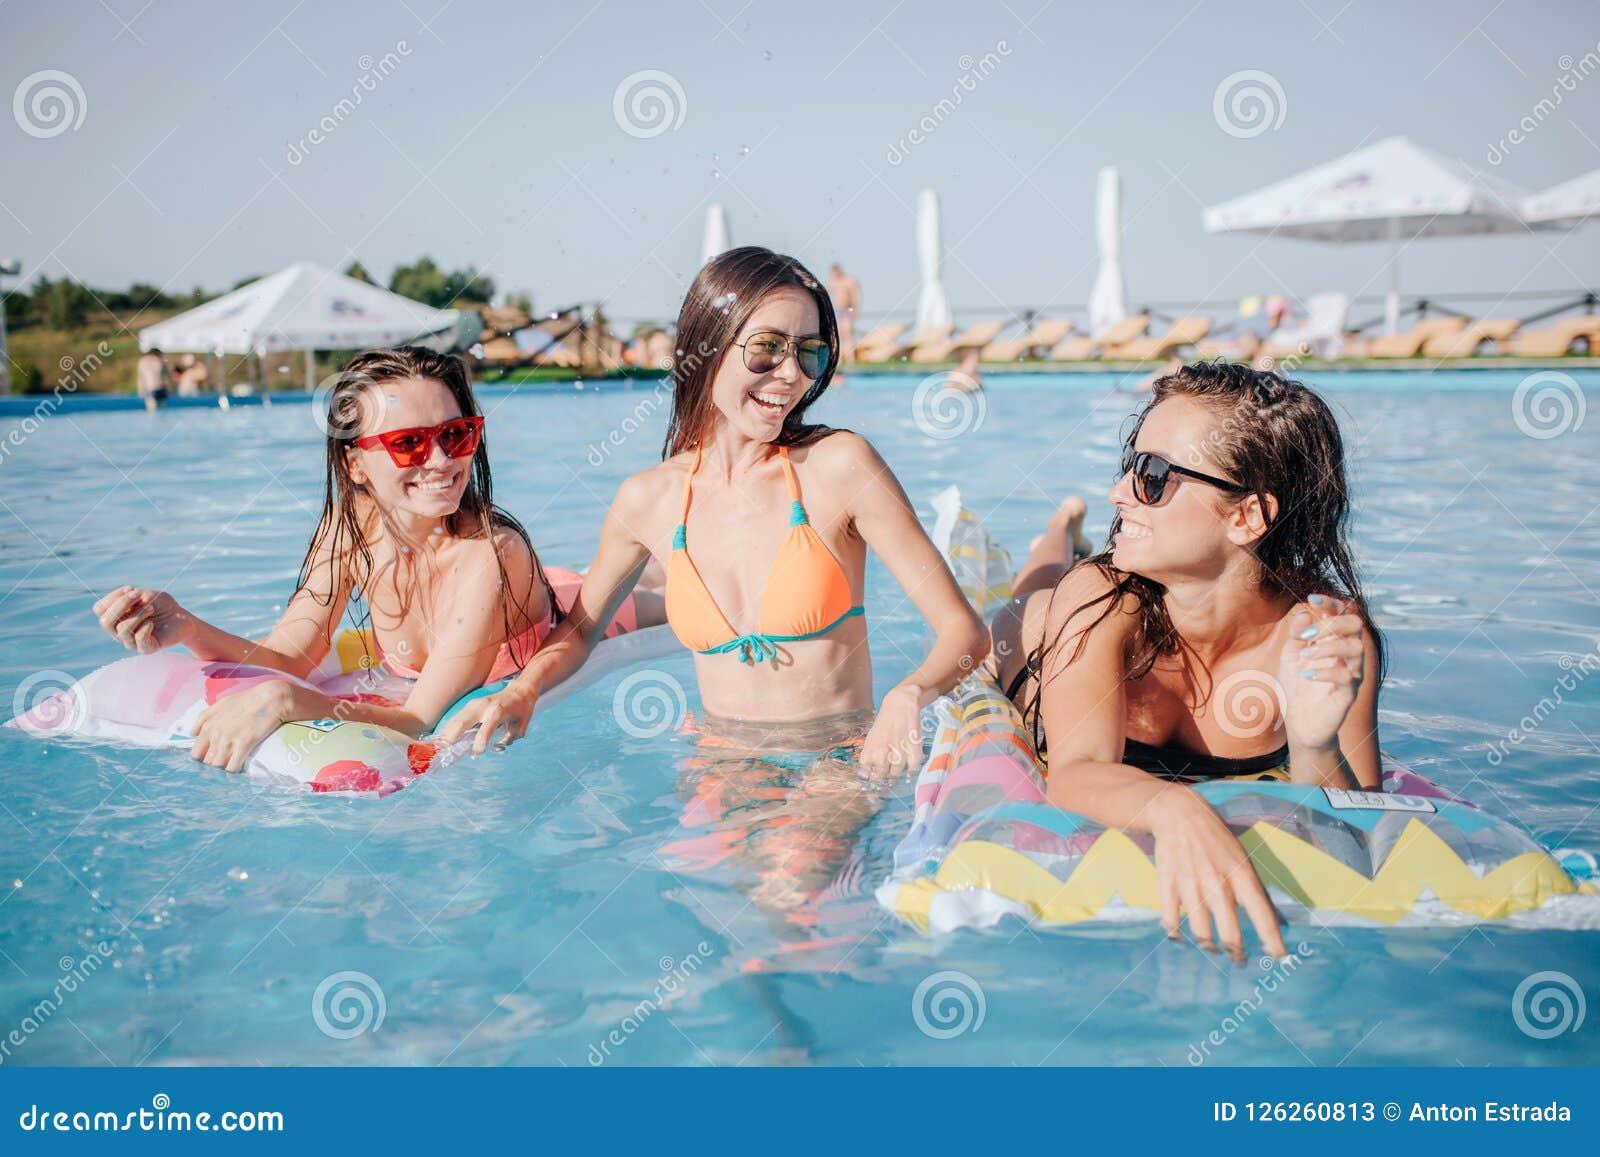 Los modelos felices están en piscina Presentan en cámara Dos modelos están mintiendo en los flotadores y miran a la mujer en cent